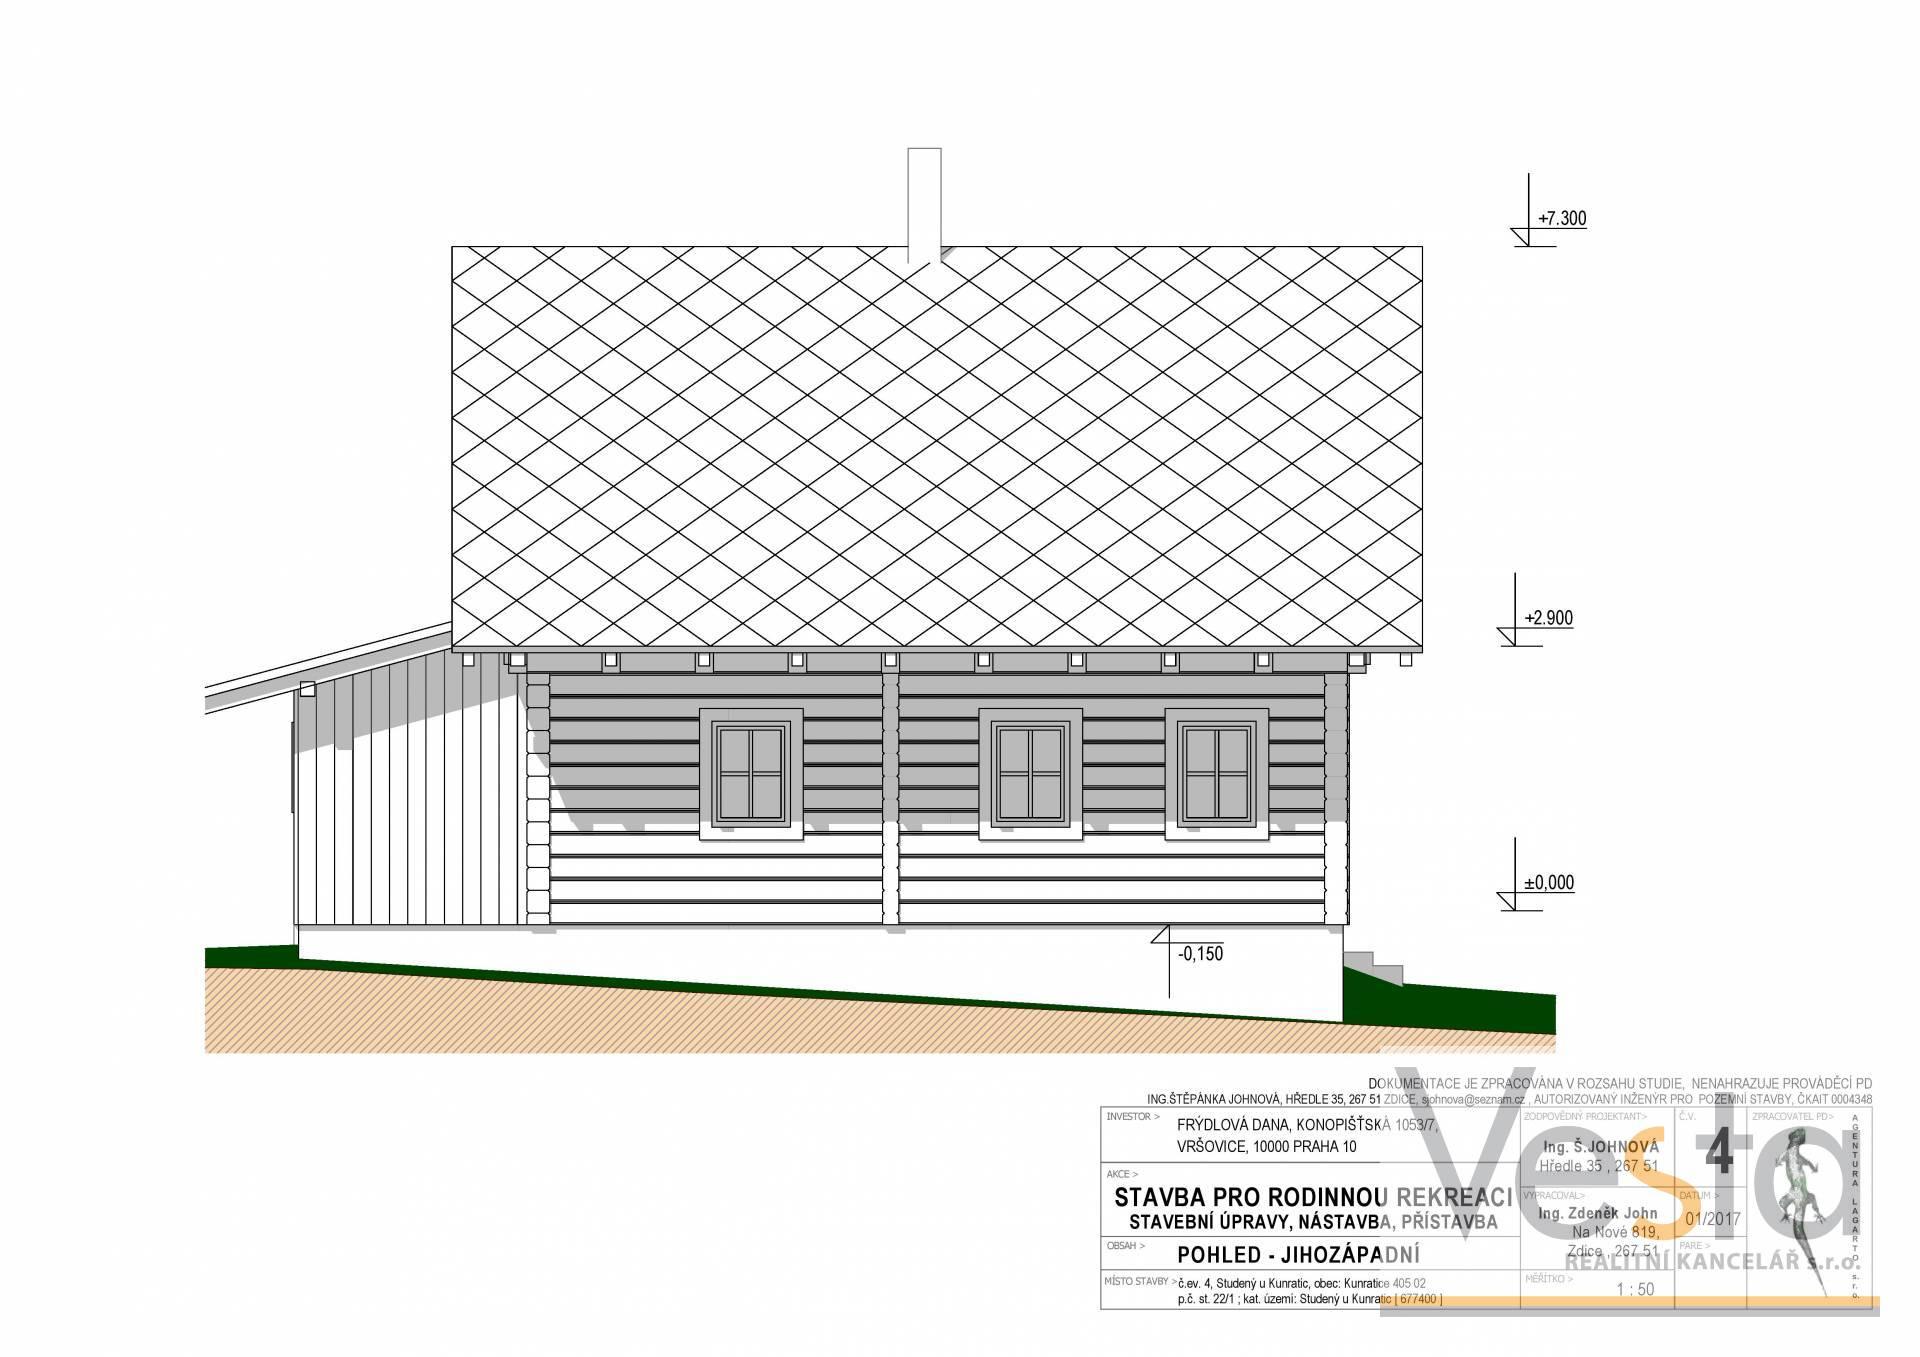 Pozemek s vydaným stavebním povolení  pro výstavbu dřevostavby RD